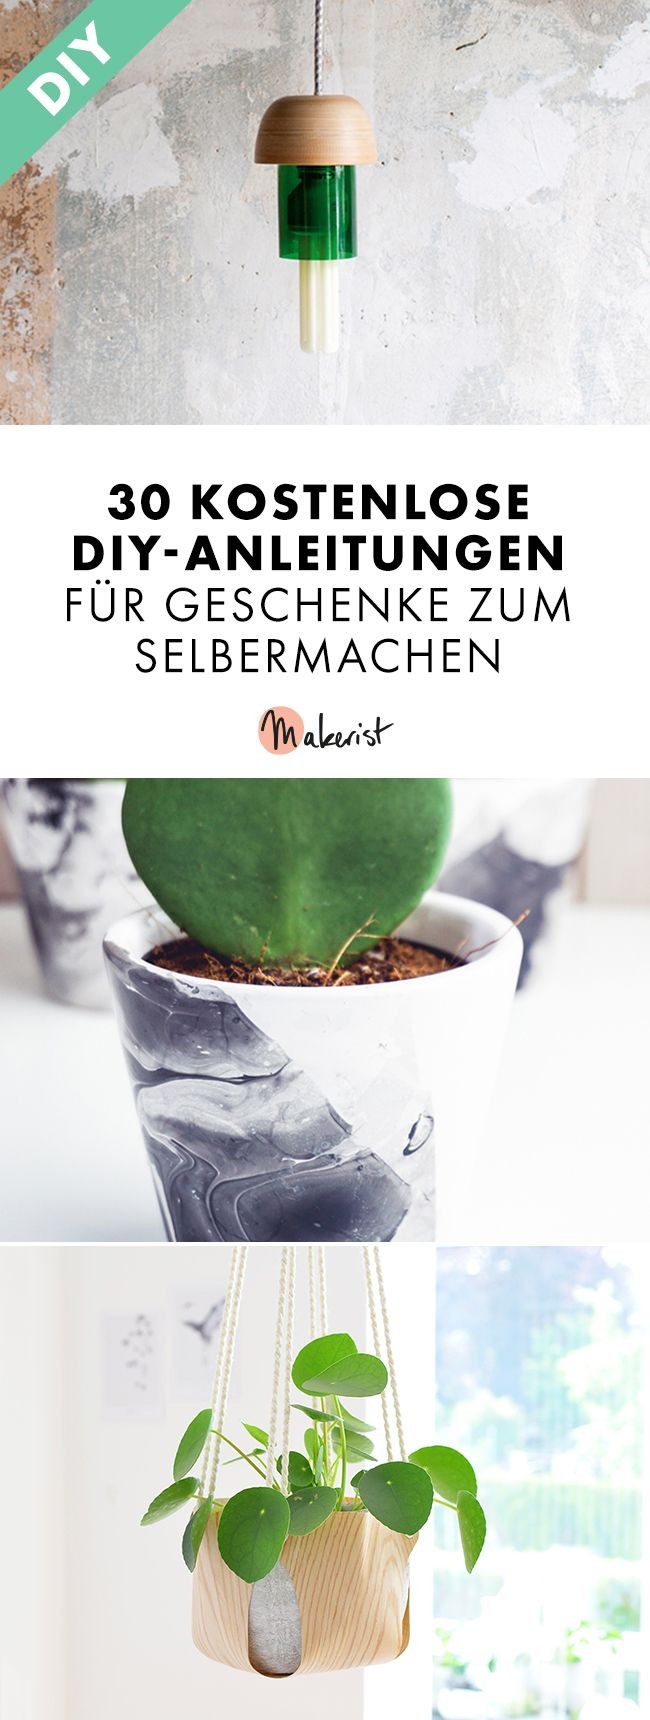 30 kostenlose diy anleitungen für geschenke zum selbermachen pin (2)